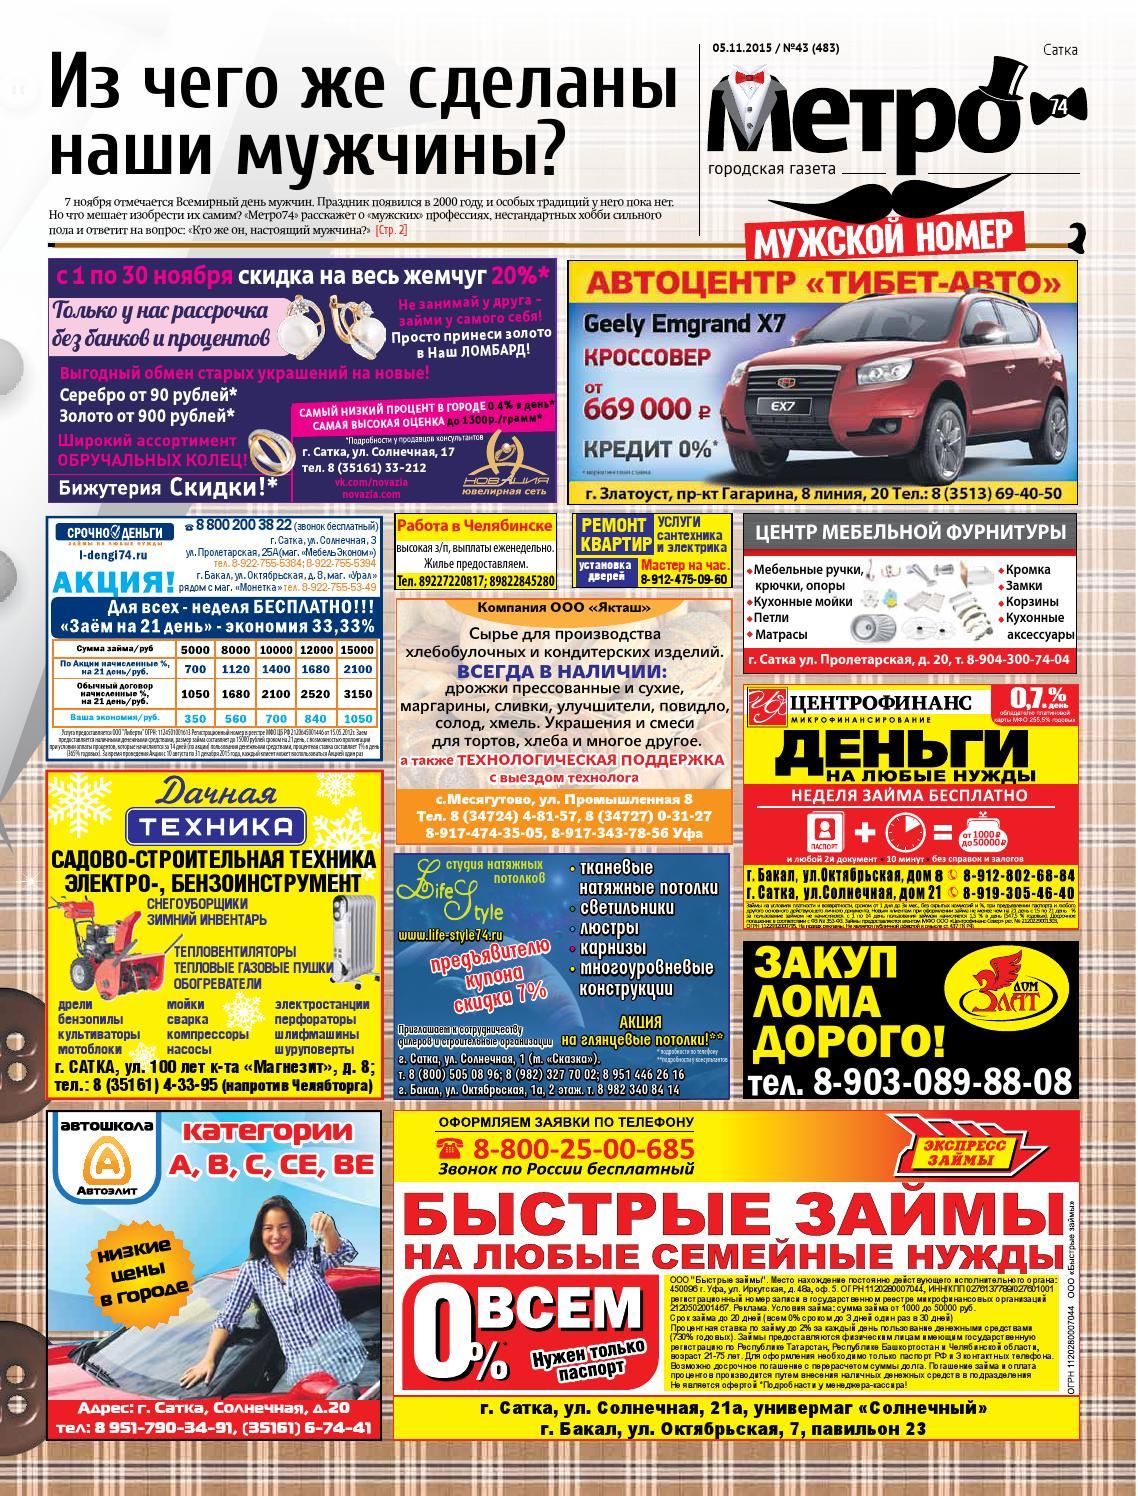 Деньги под залог сатка автосалоны ваз в москве и московской области